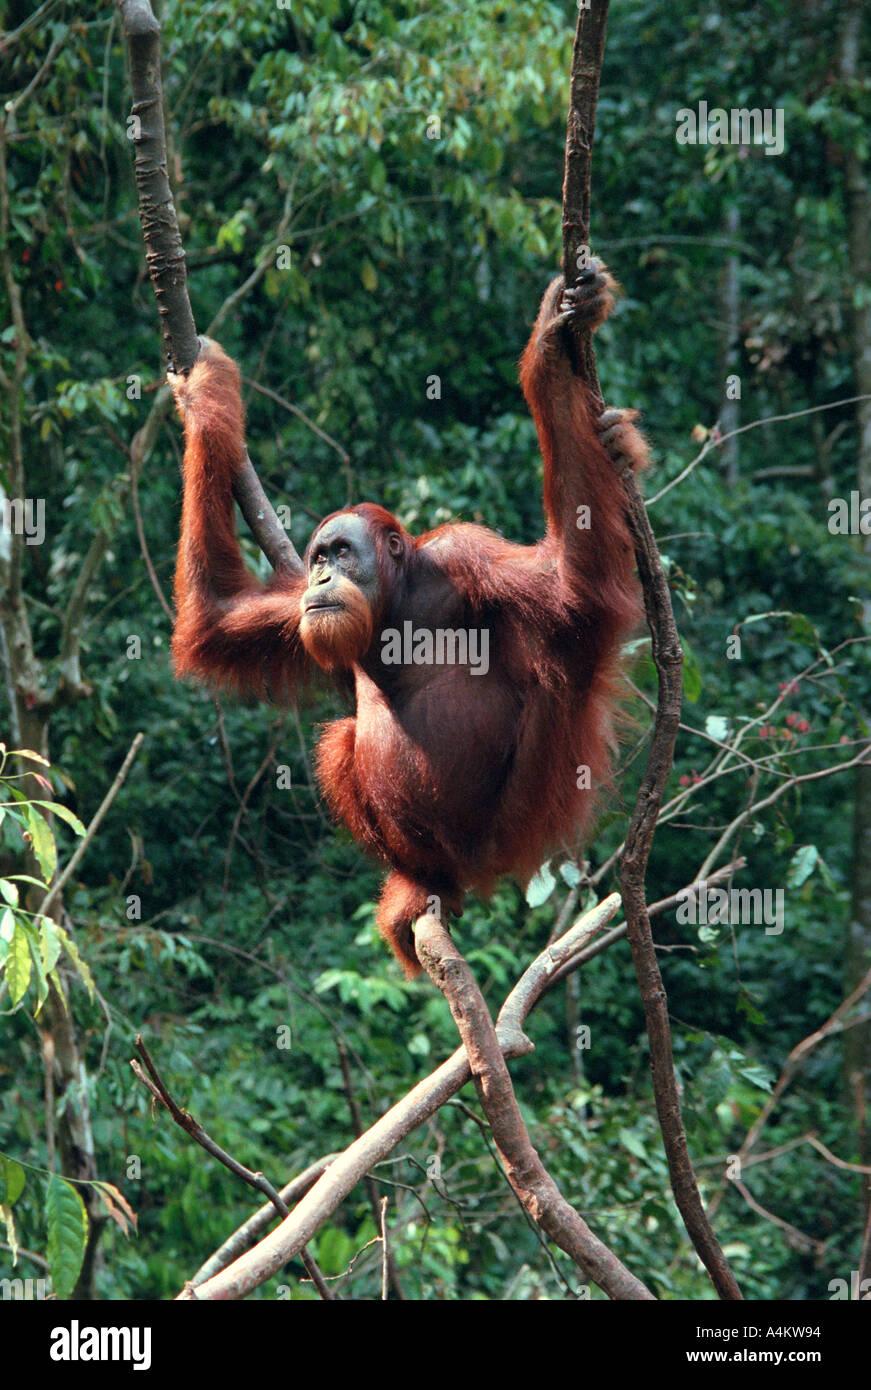 SUMATRAN ORANGUTAN Pongo abelii Previously Pongo pygmaeus abelii Gunung Leuser National Park Northern Sumatra Indonesia Stock Photo